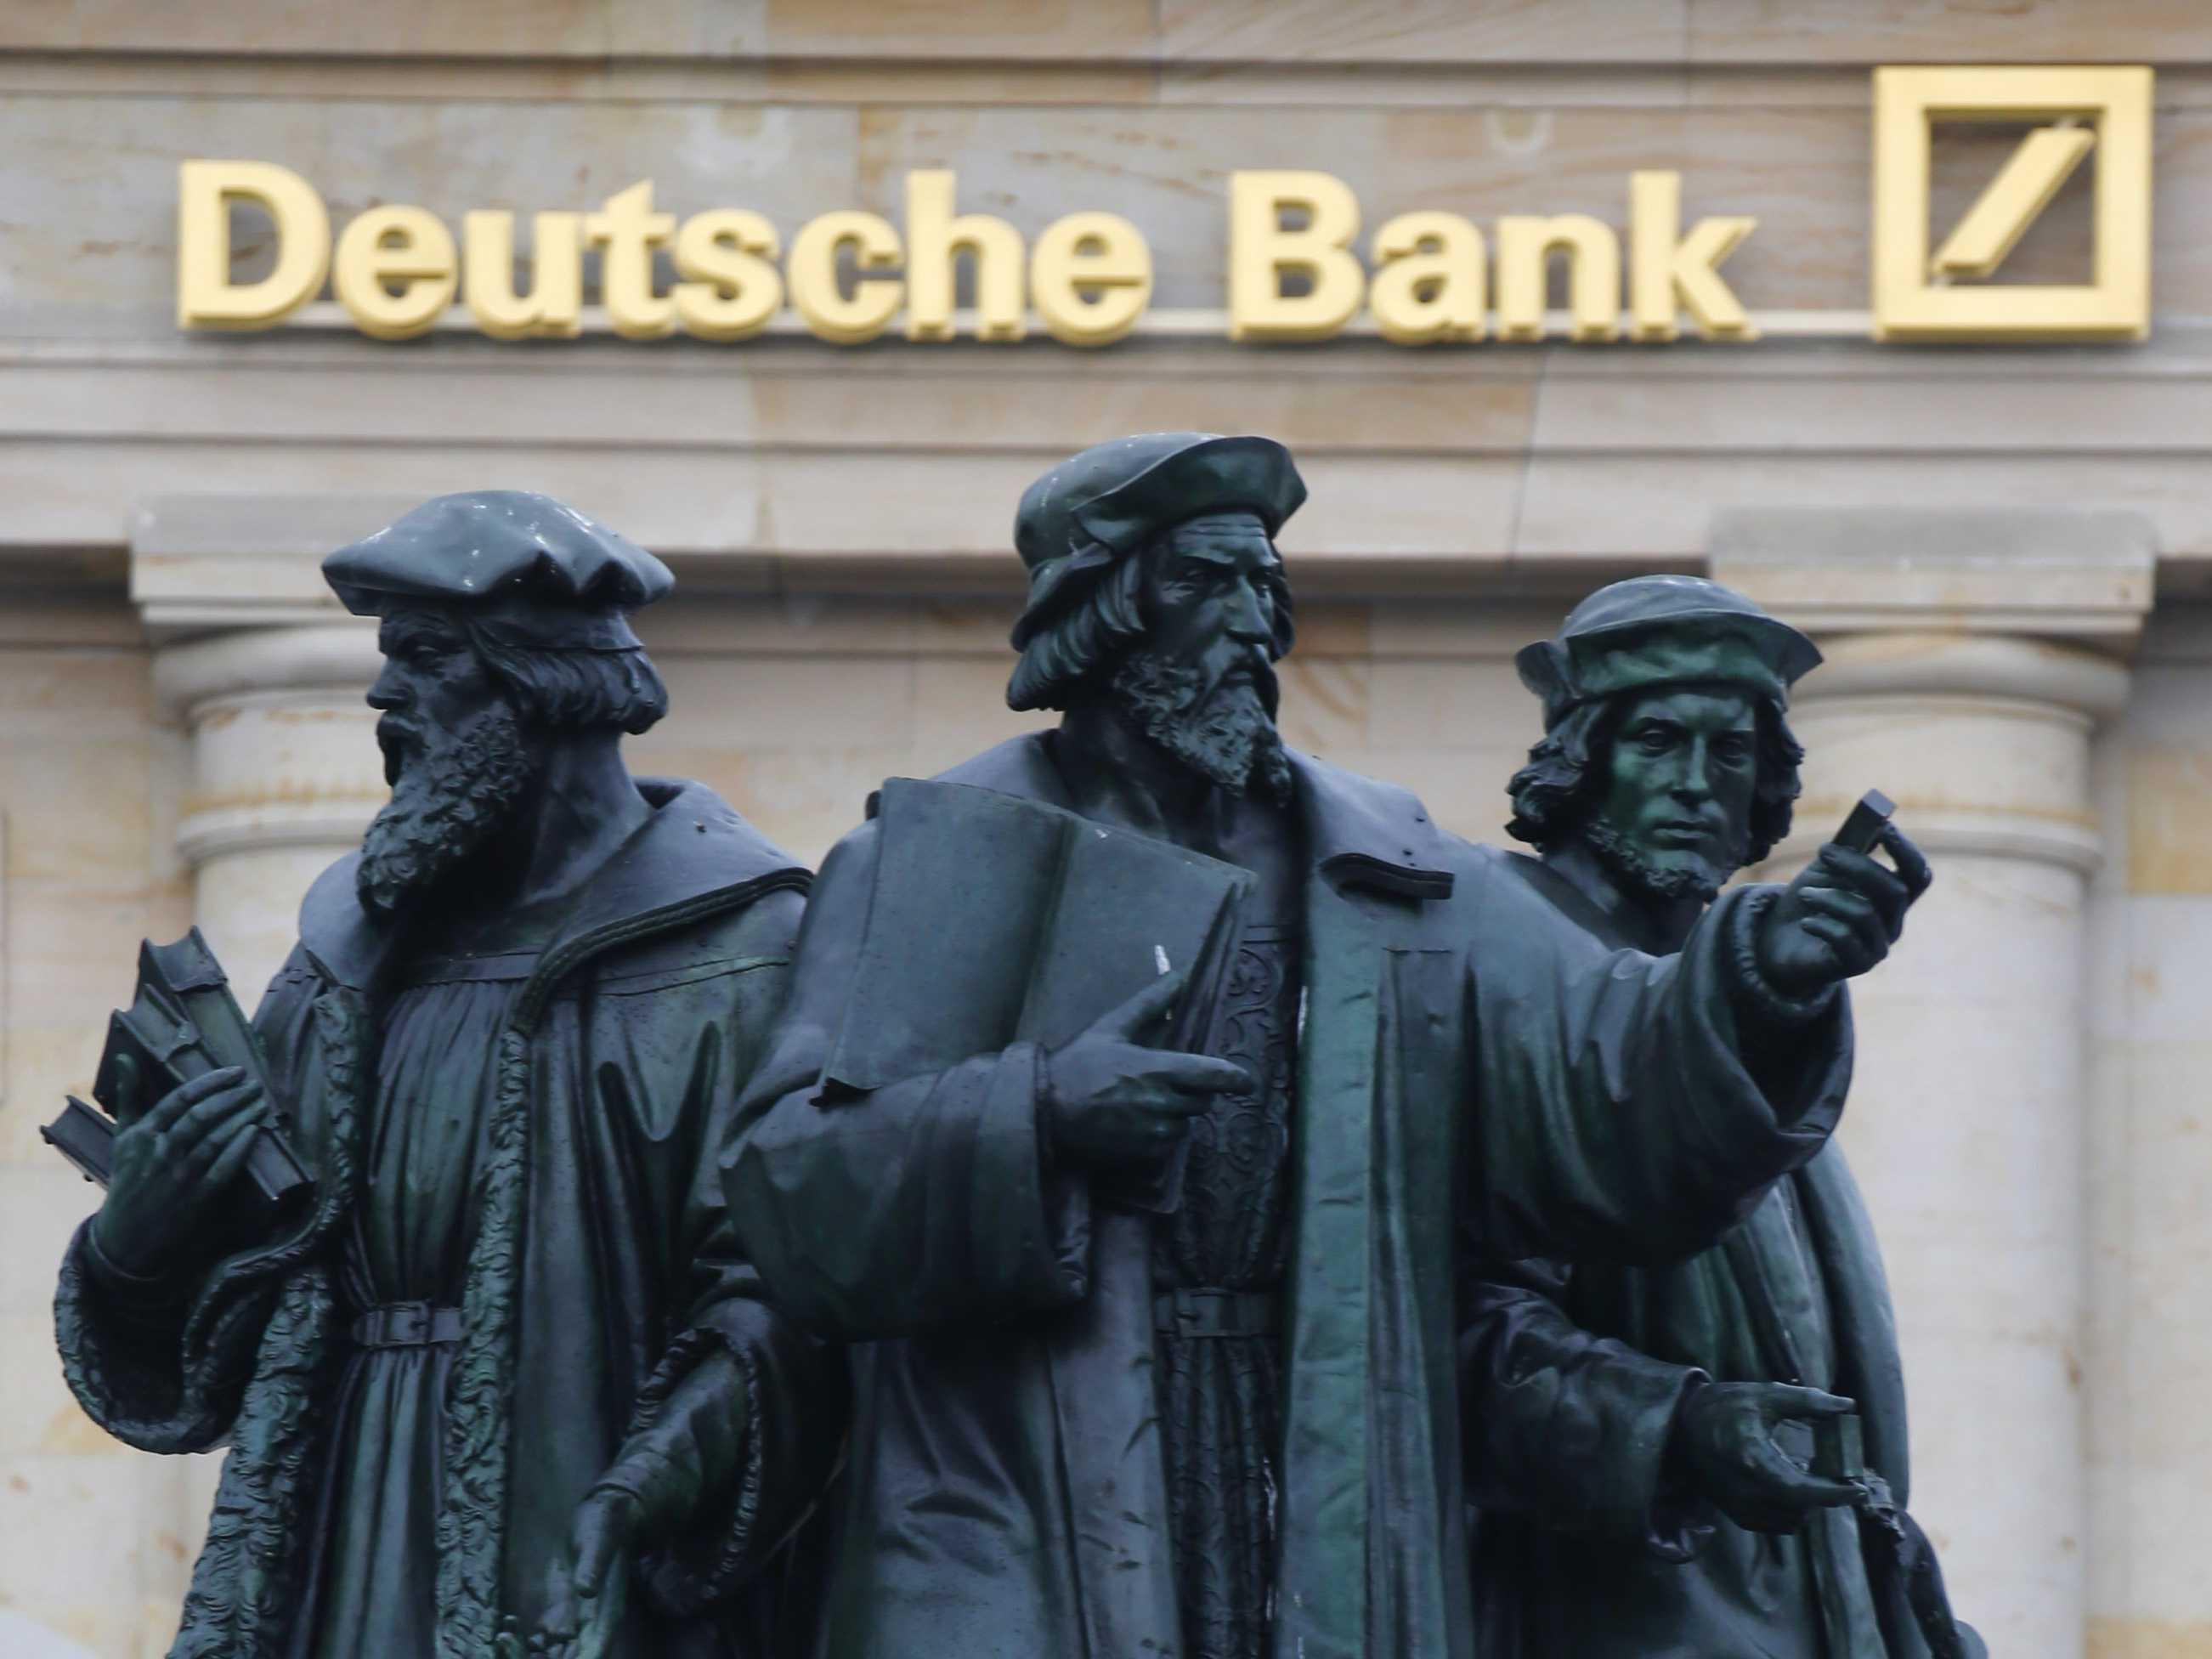 Il grande complotto contro l'Italia della Deutsche Bank, ecco le accuse della Procura di Trani